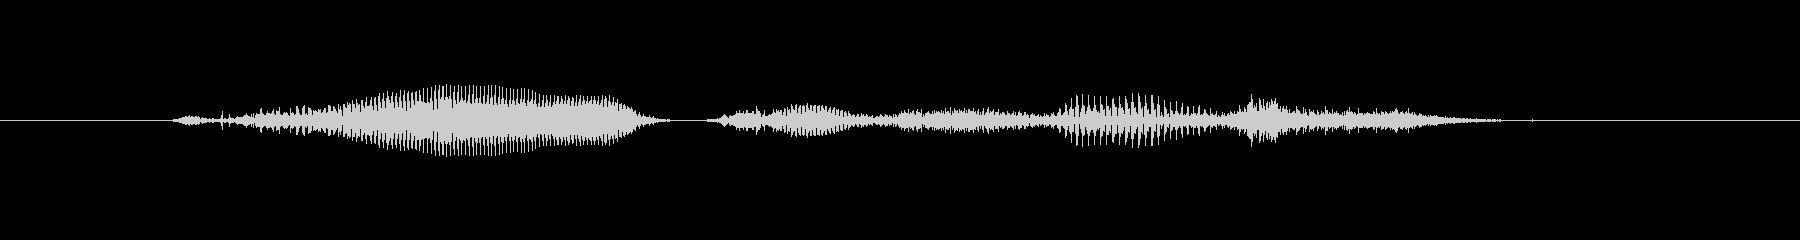 【時報・時間】11時ですの未再生の波形